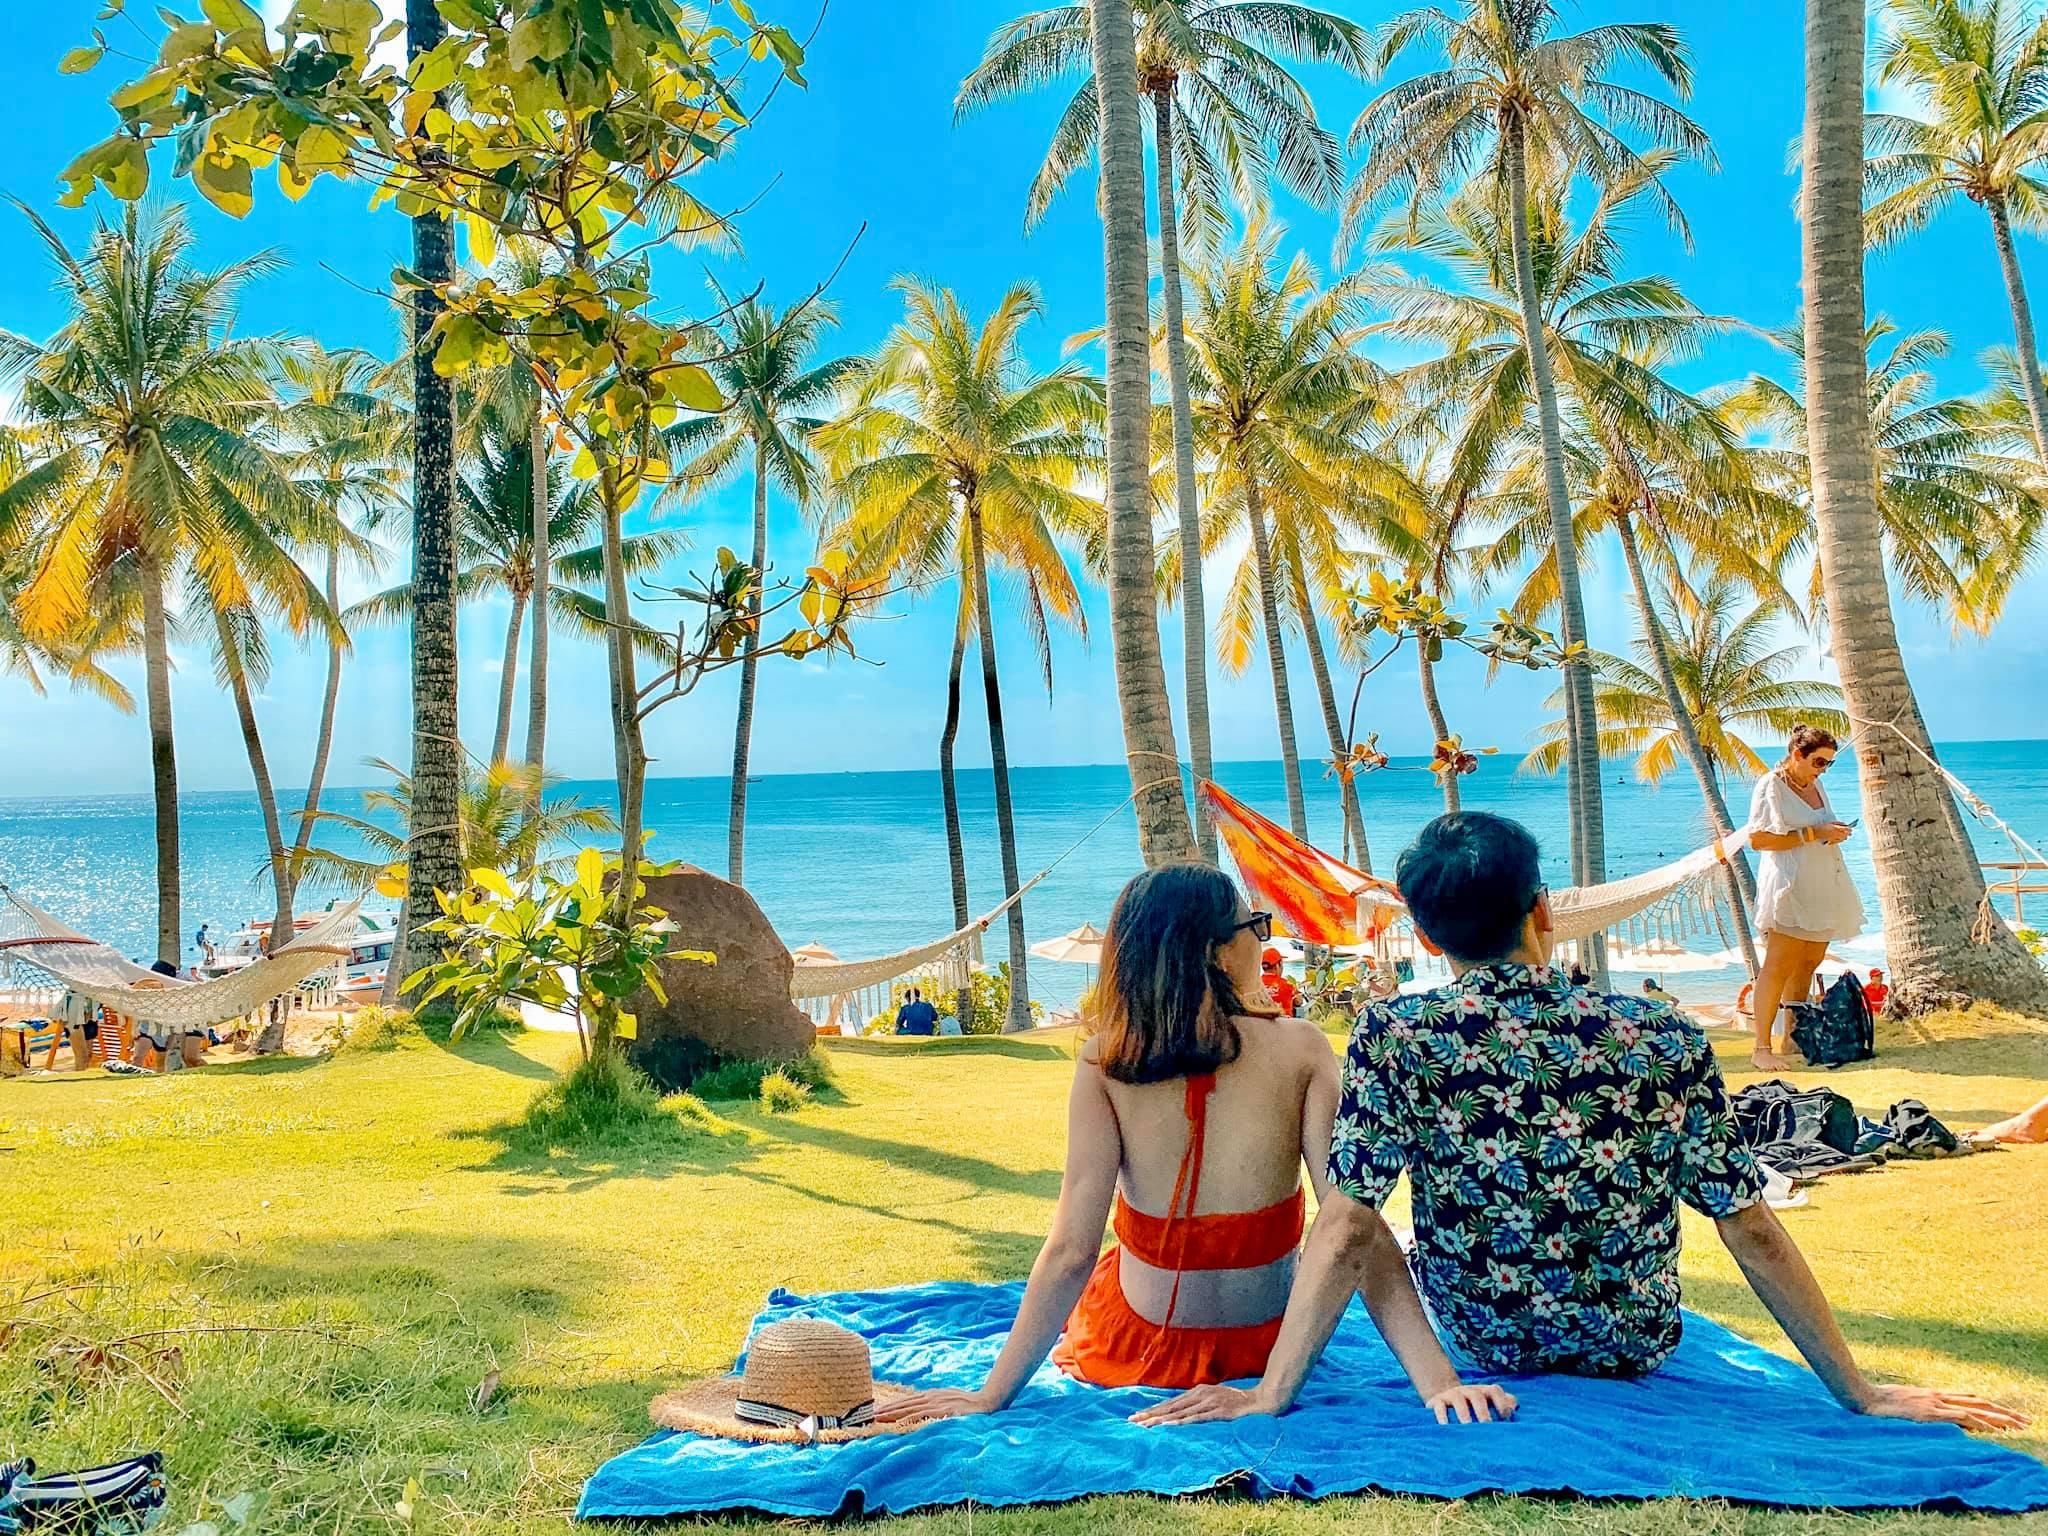 Tour du lịch Phú Quốc khởi hành từ Rạch Giá: Vô vàn ưu đãi trong dịp hè này  - Ảnh 11.